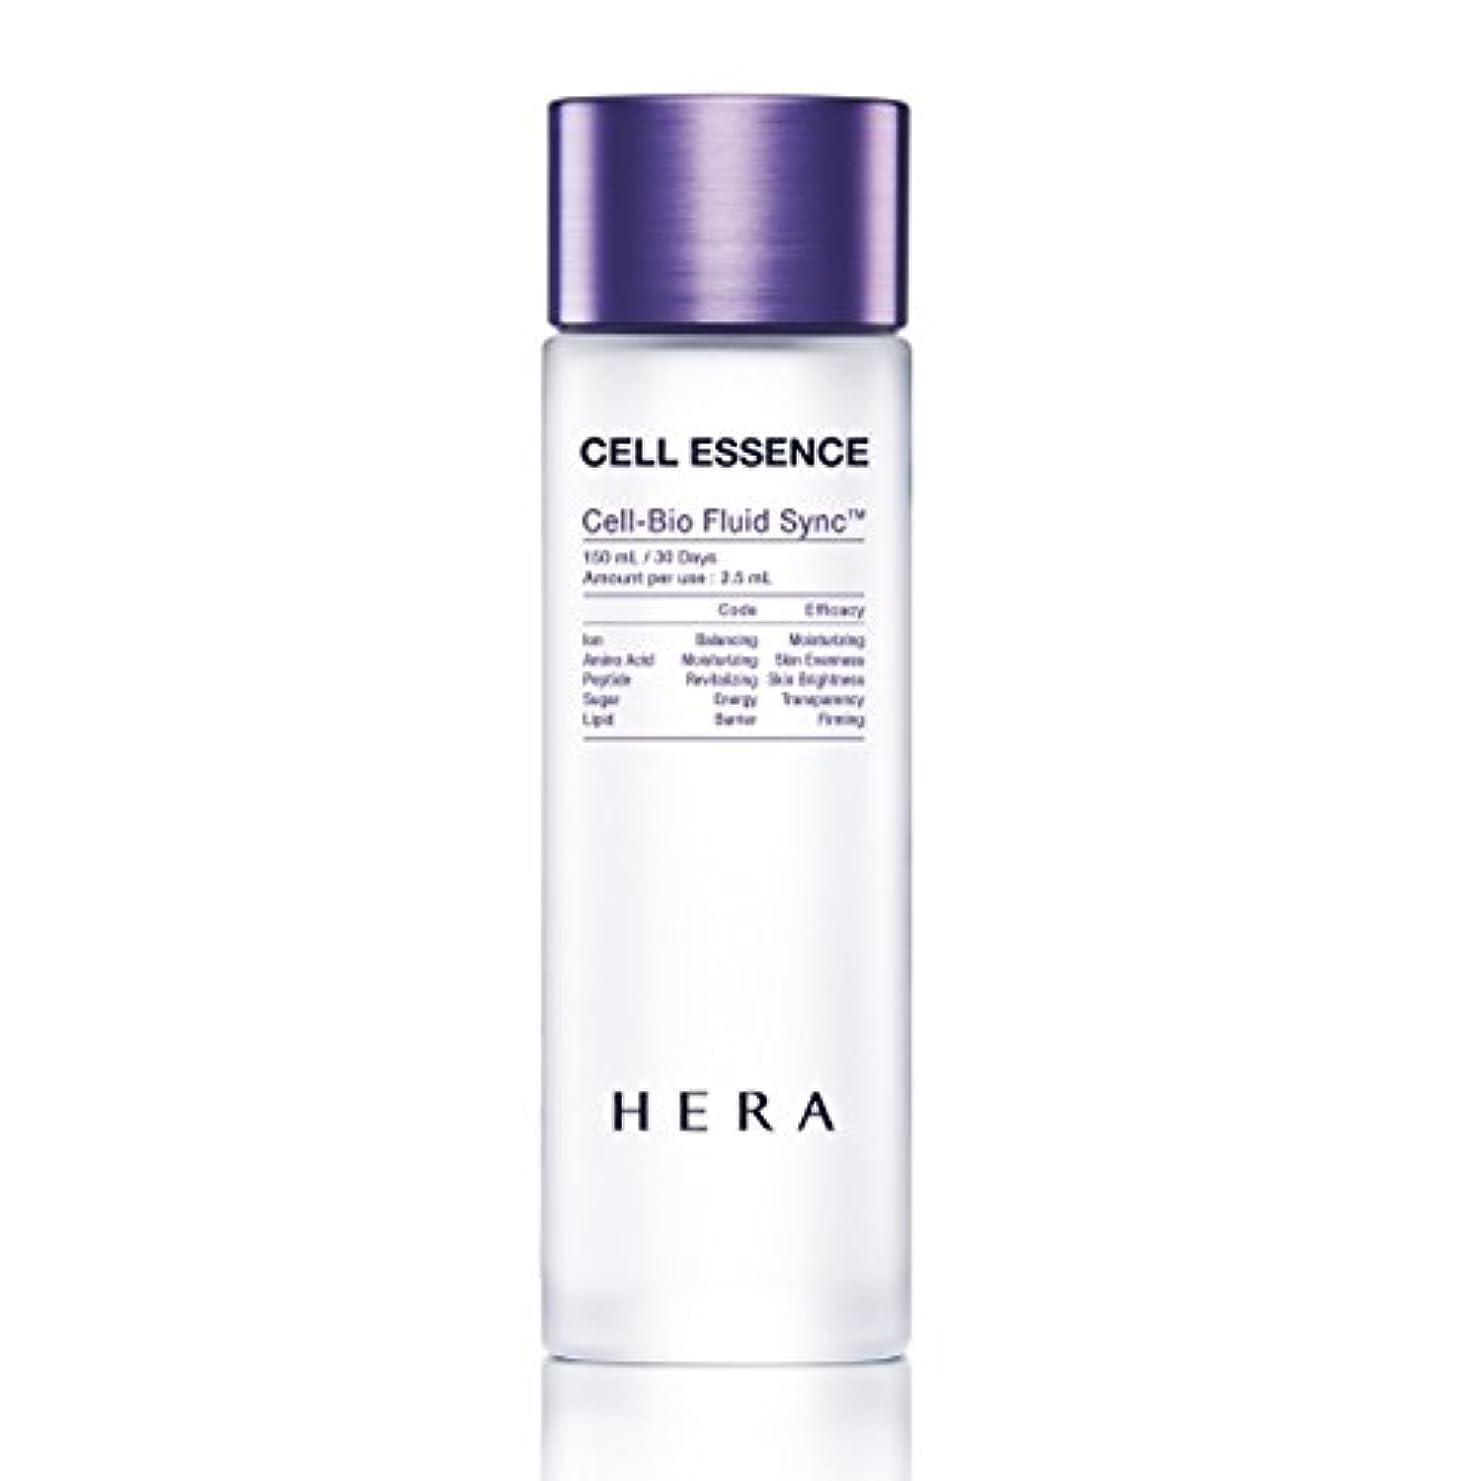 [ヘラ/HERA]HERA CELL ESSENCE/ヘラ セル エッセンス 150ml【美容液】(海外直送品)